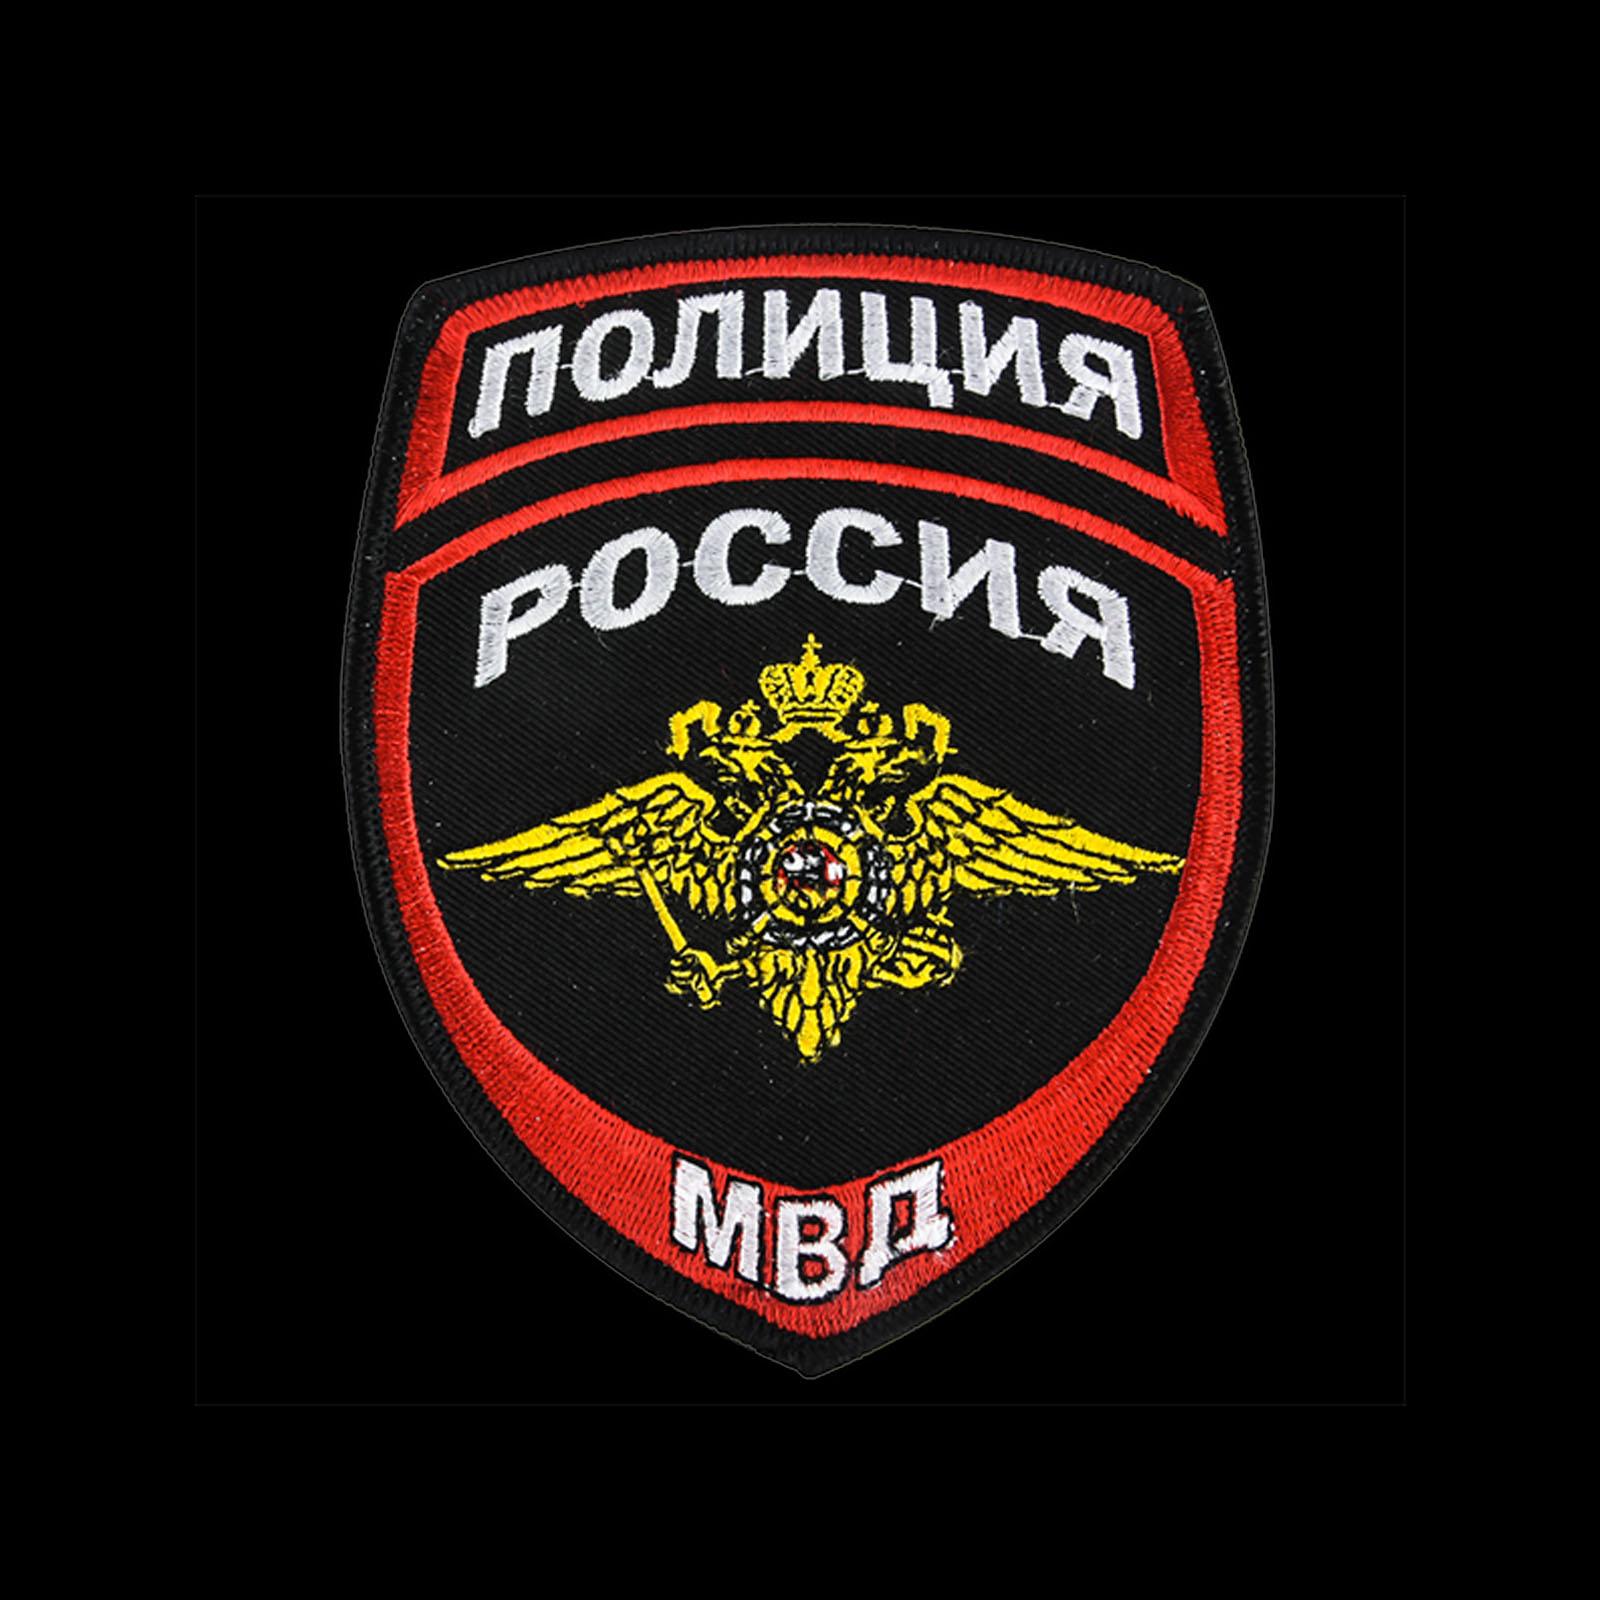 Теплая толстовка с нашивкой Полиция России купить выгодно